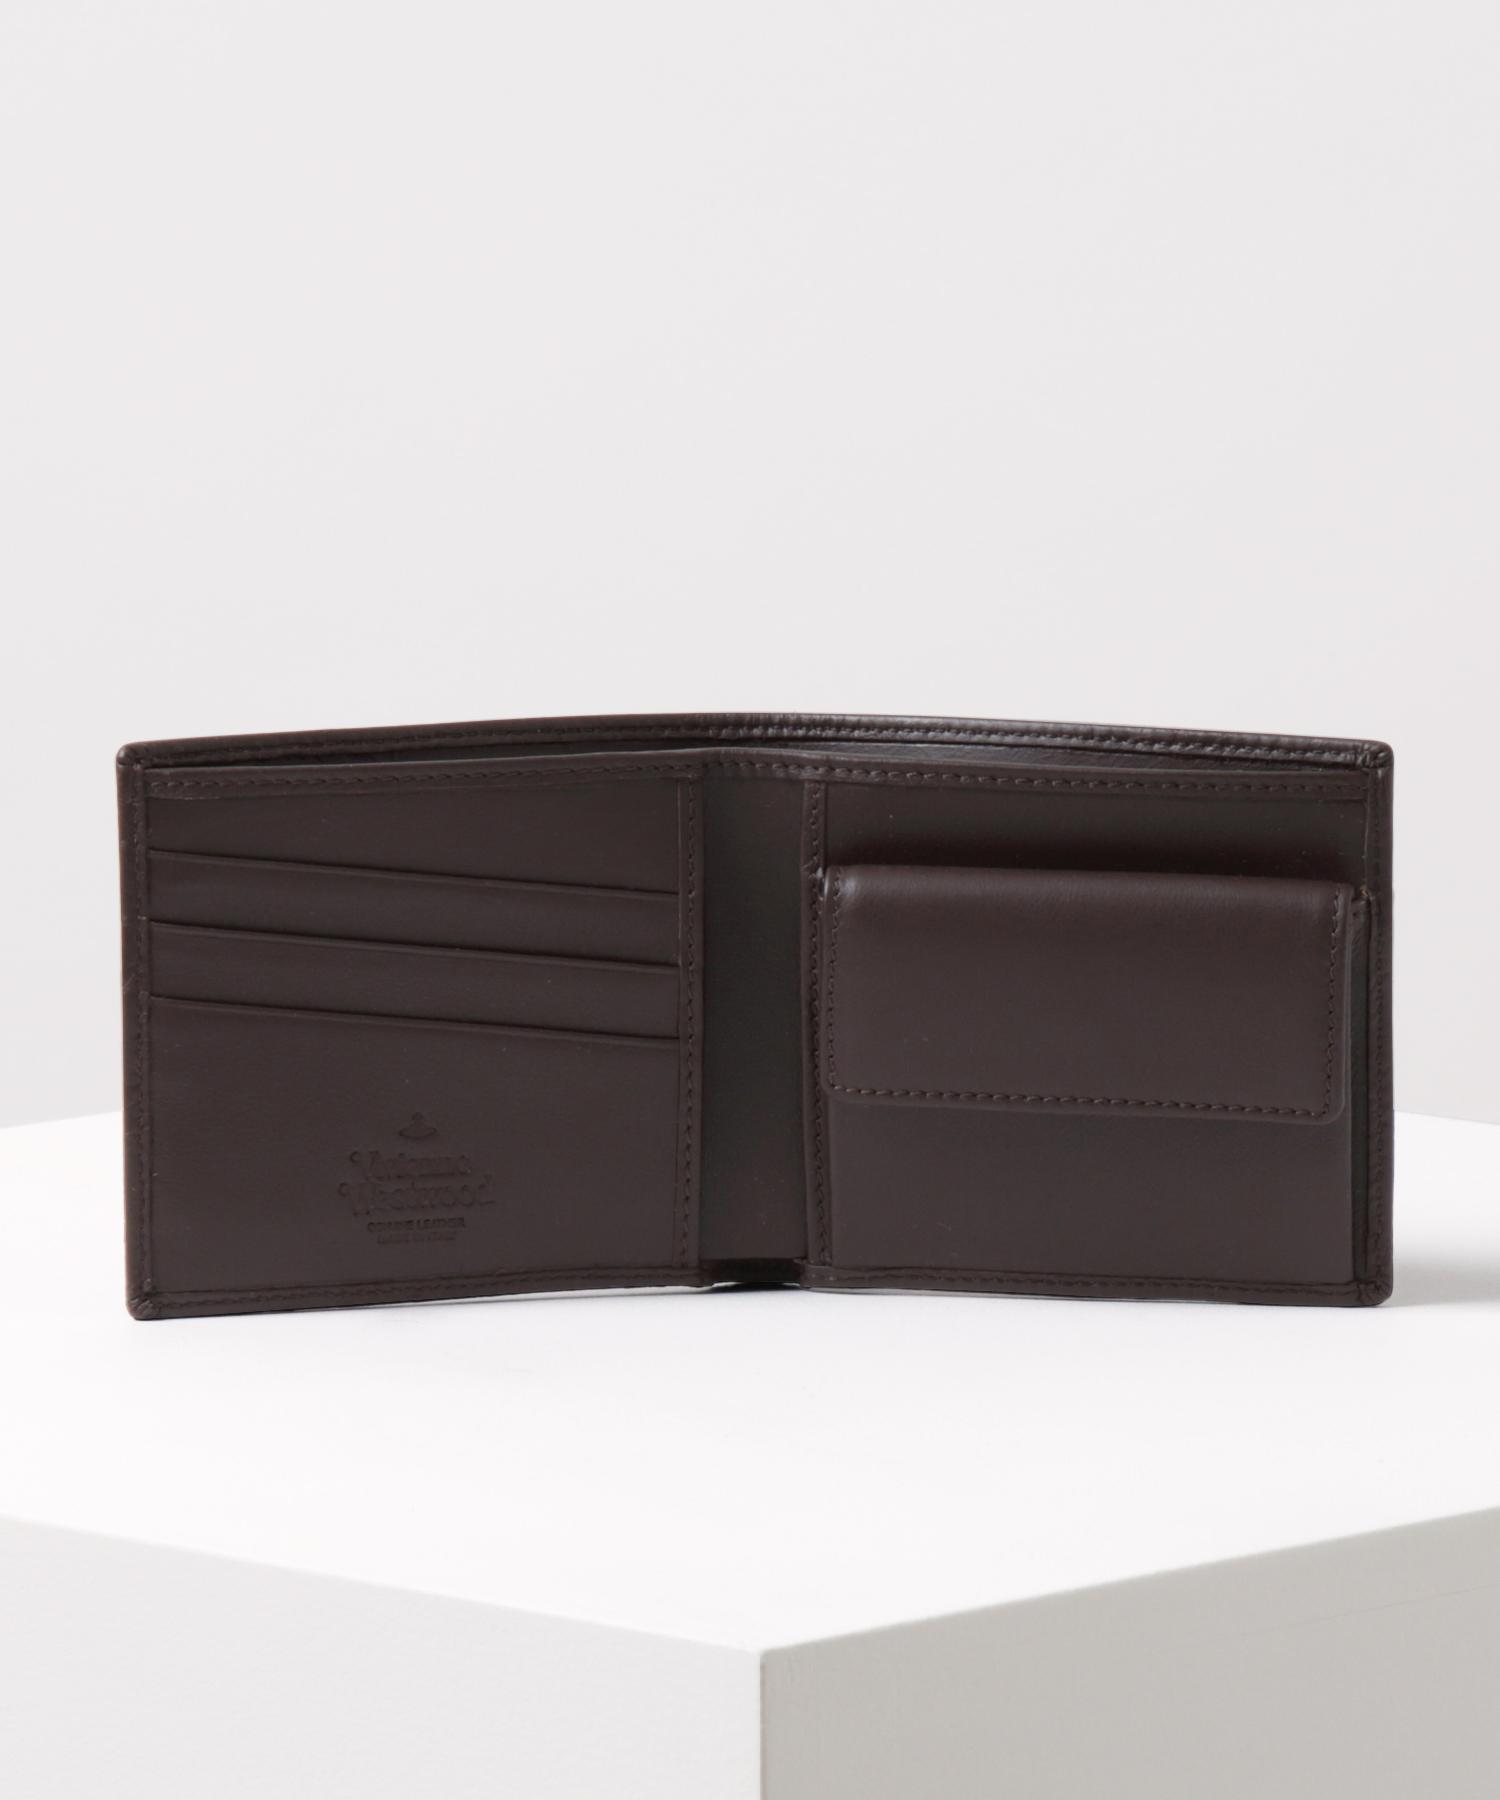 オンラインショップ限定カラー BELFAST 二つ折り財布